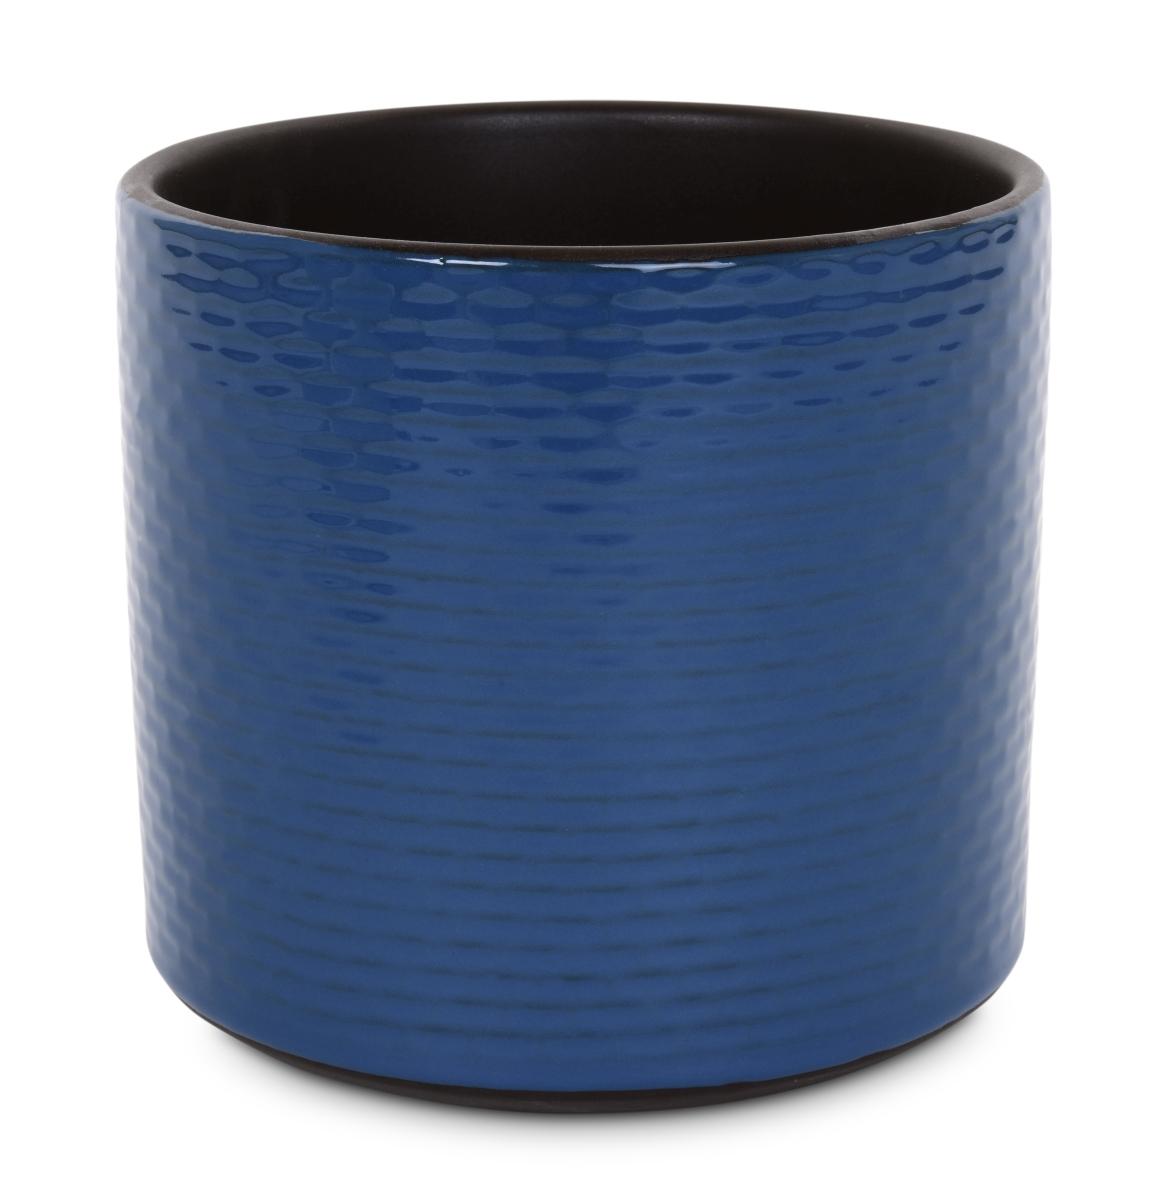 Keramická váza nebo obal na květináč tmavě modrá